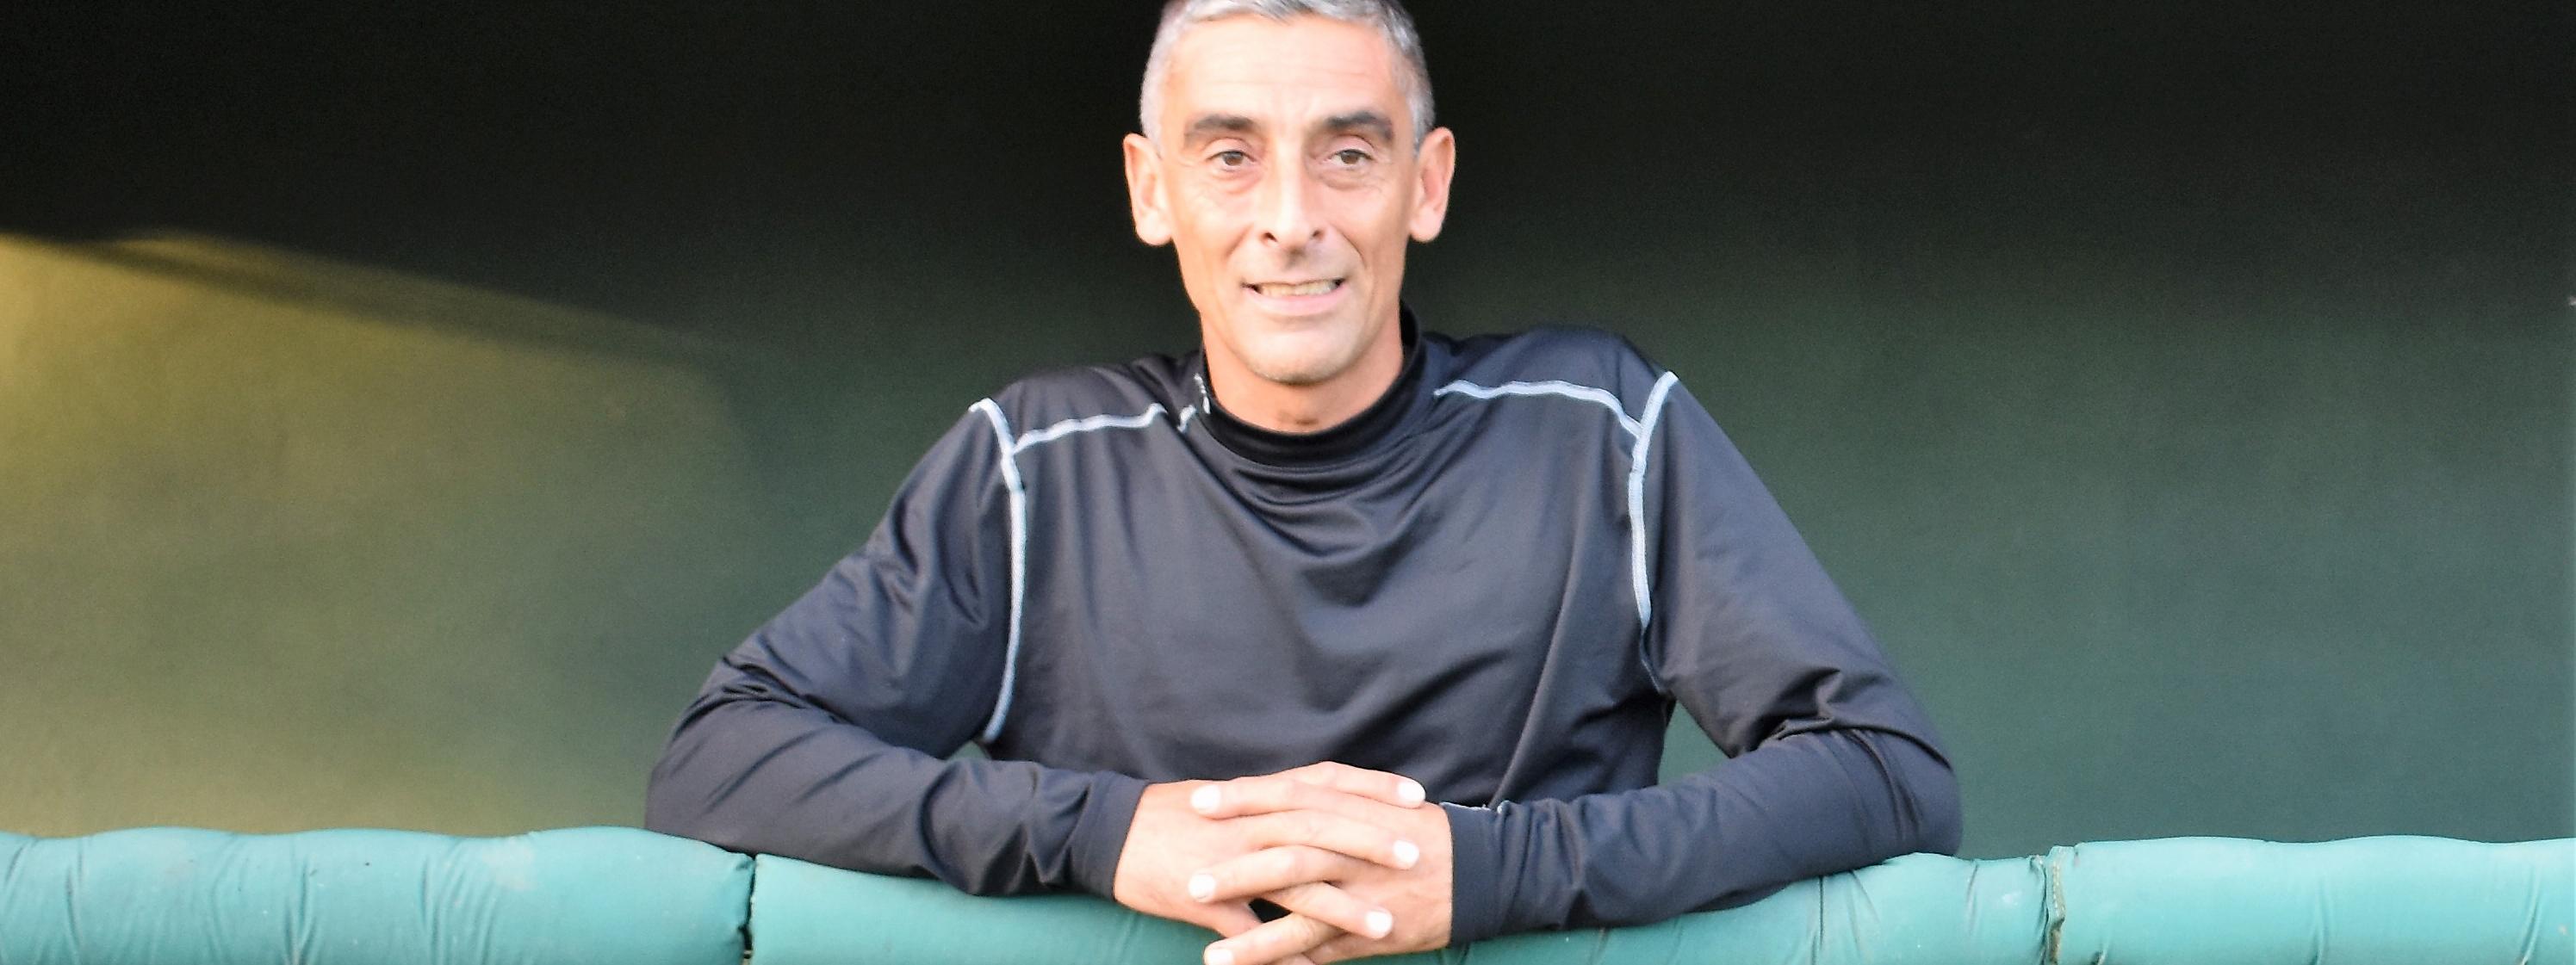 ENTRENADORES: Darío Martín, el estratega del diamante